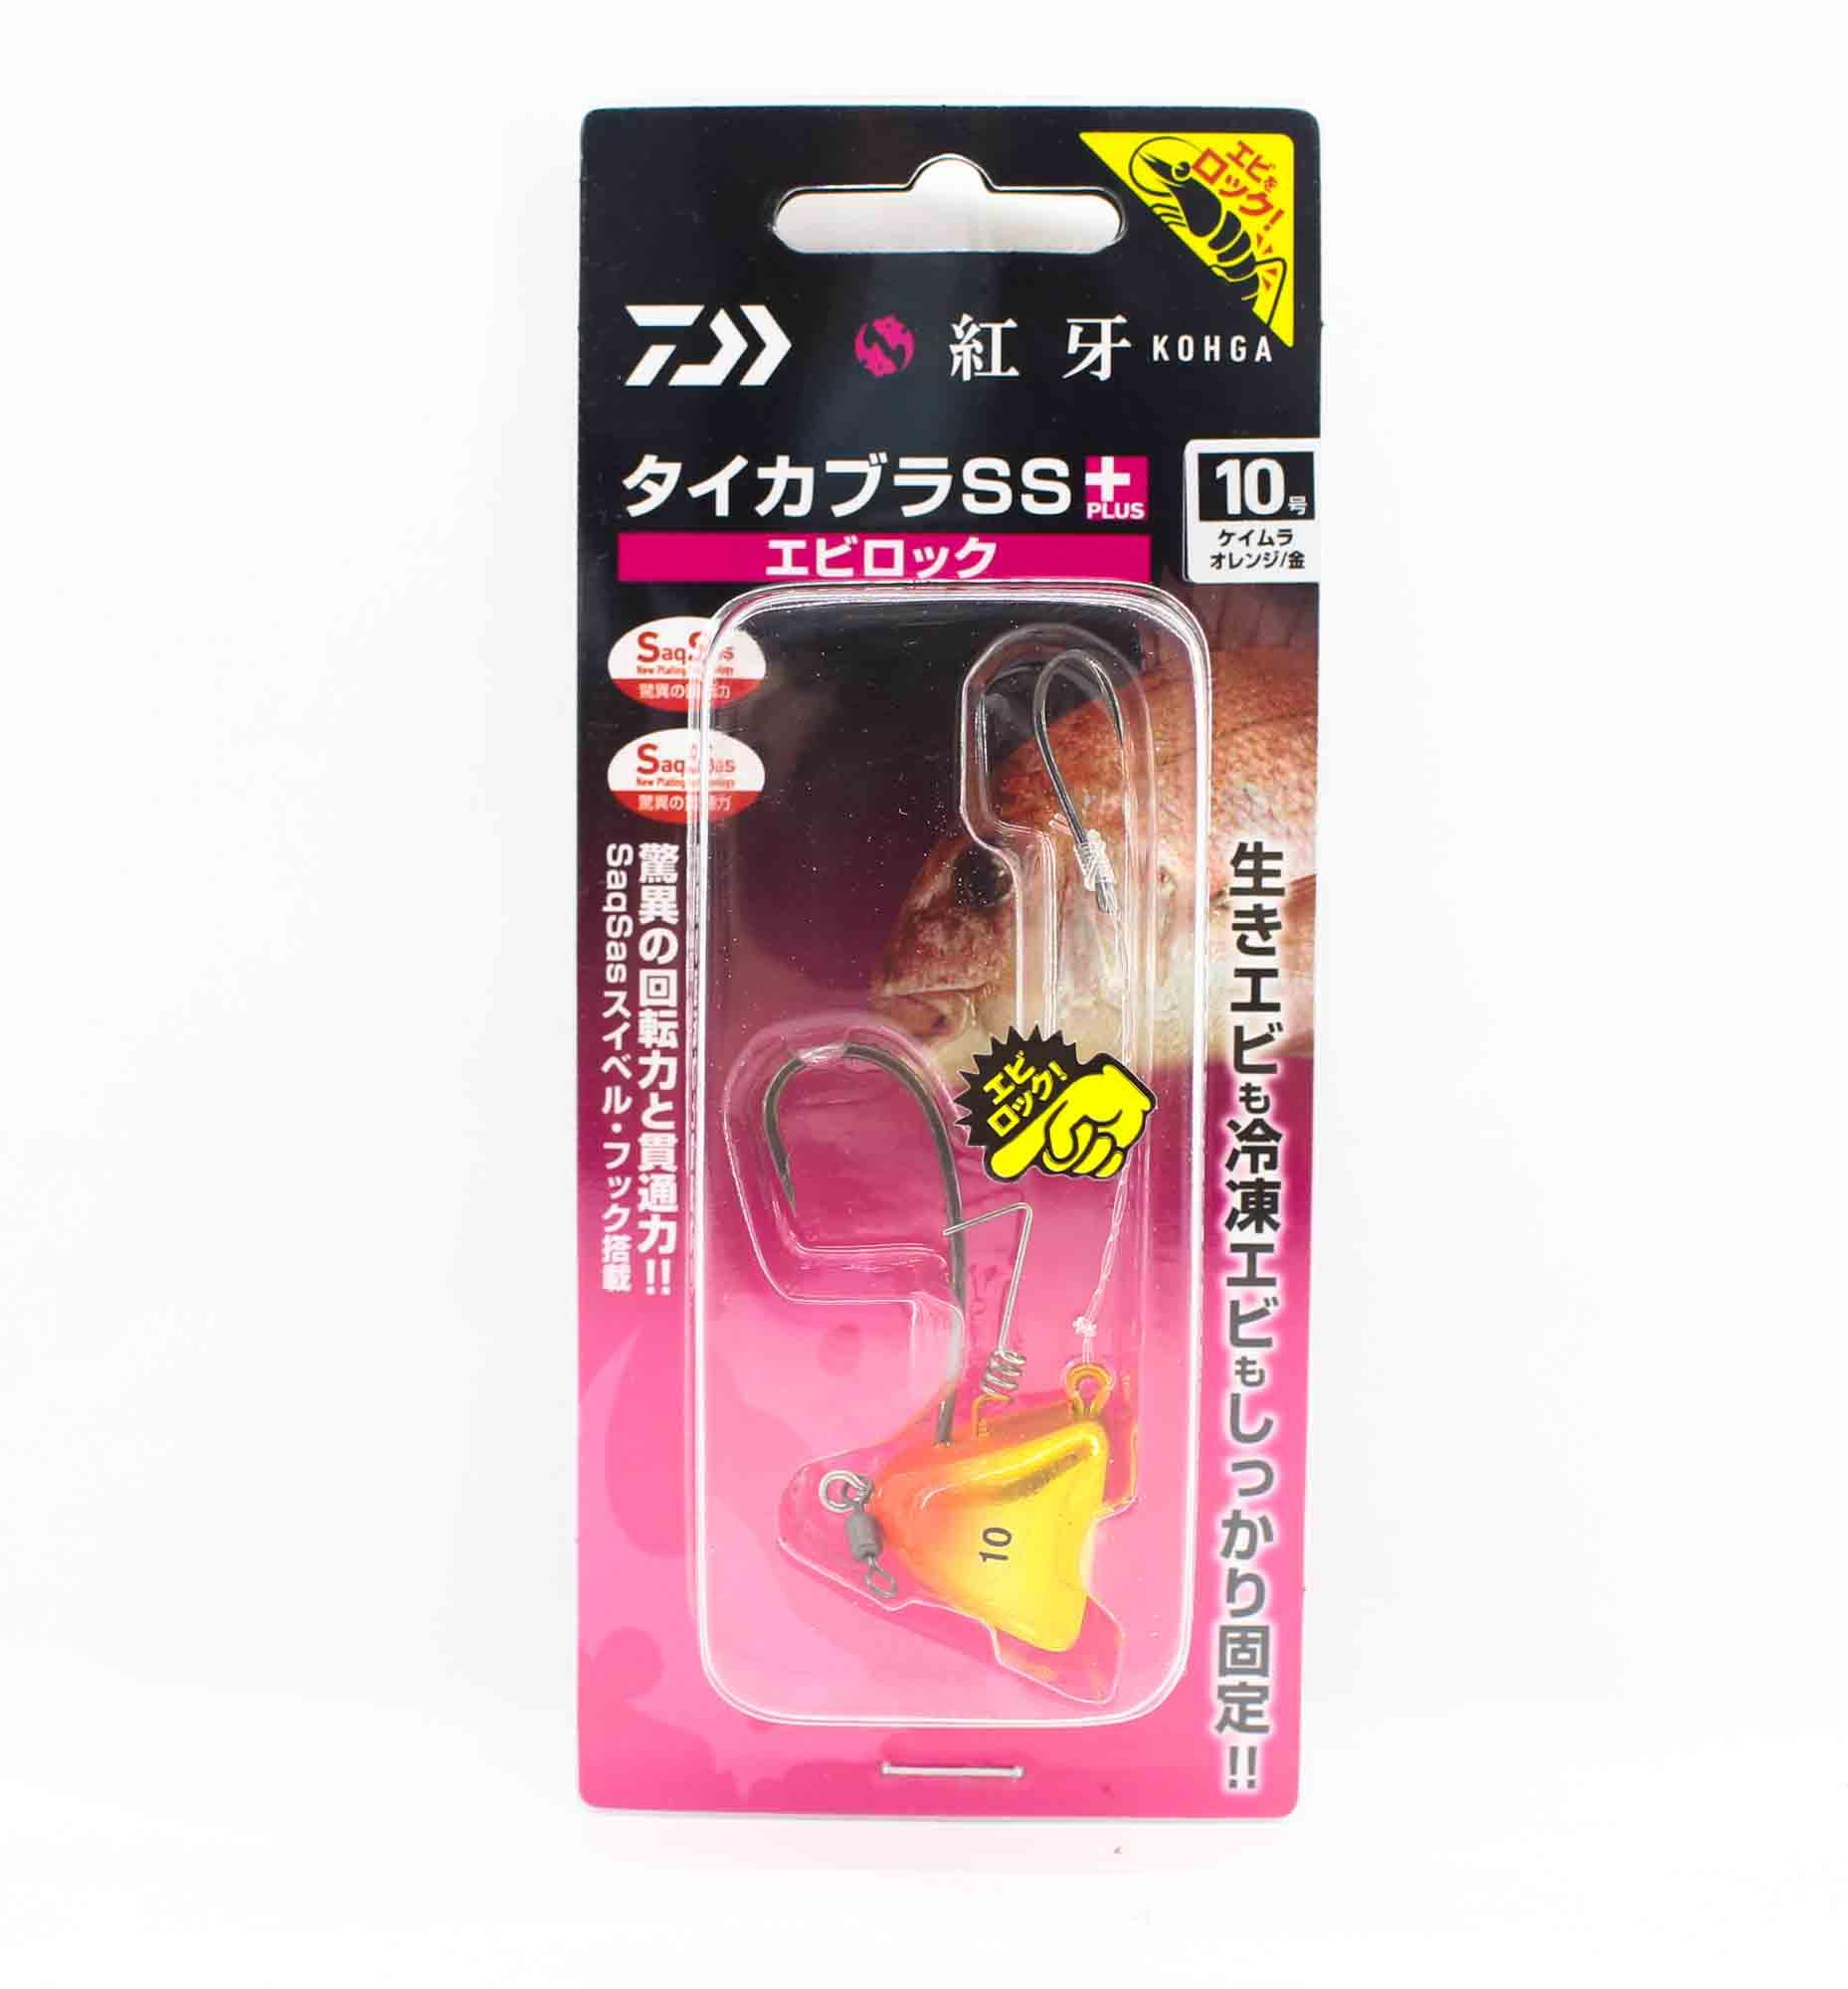 Daiwa Kabura SS+ Tenya Jig Size 10 UV OR/Gold 003172